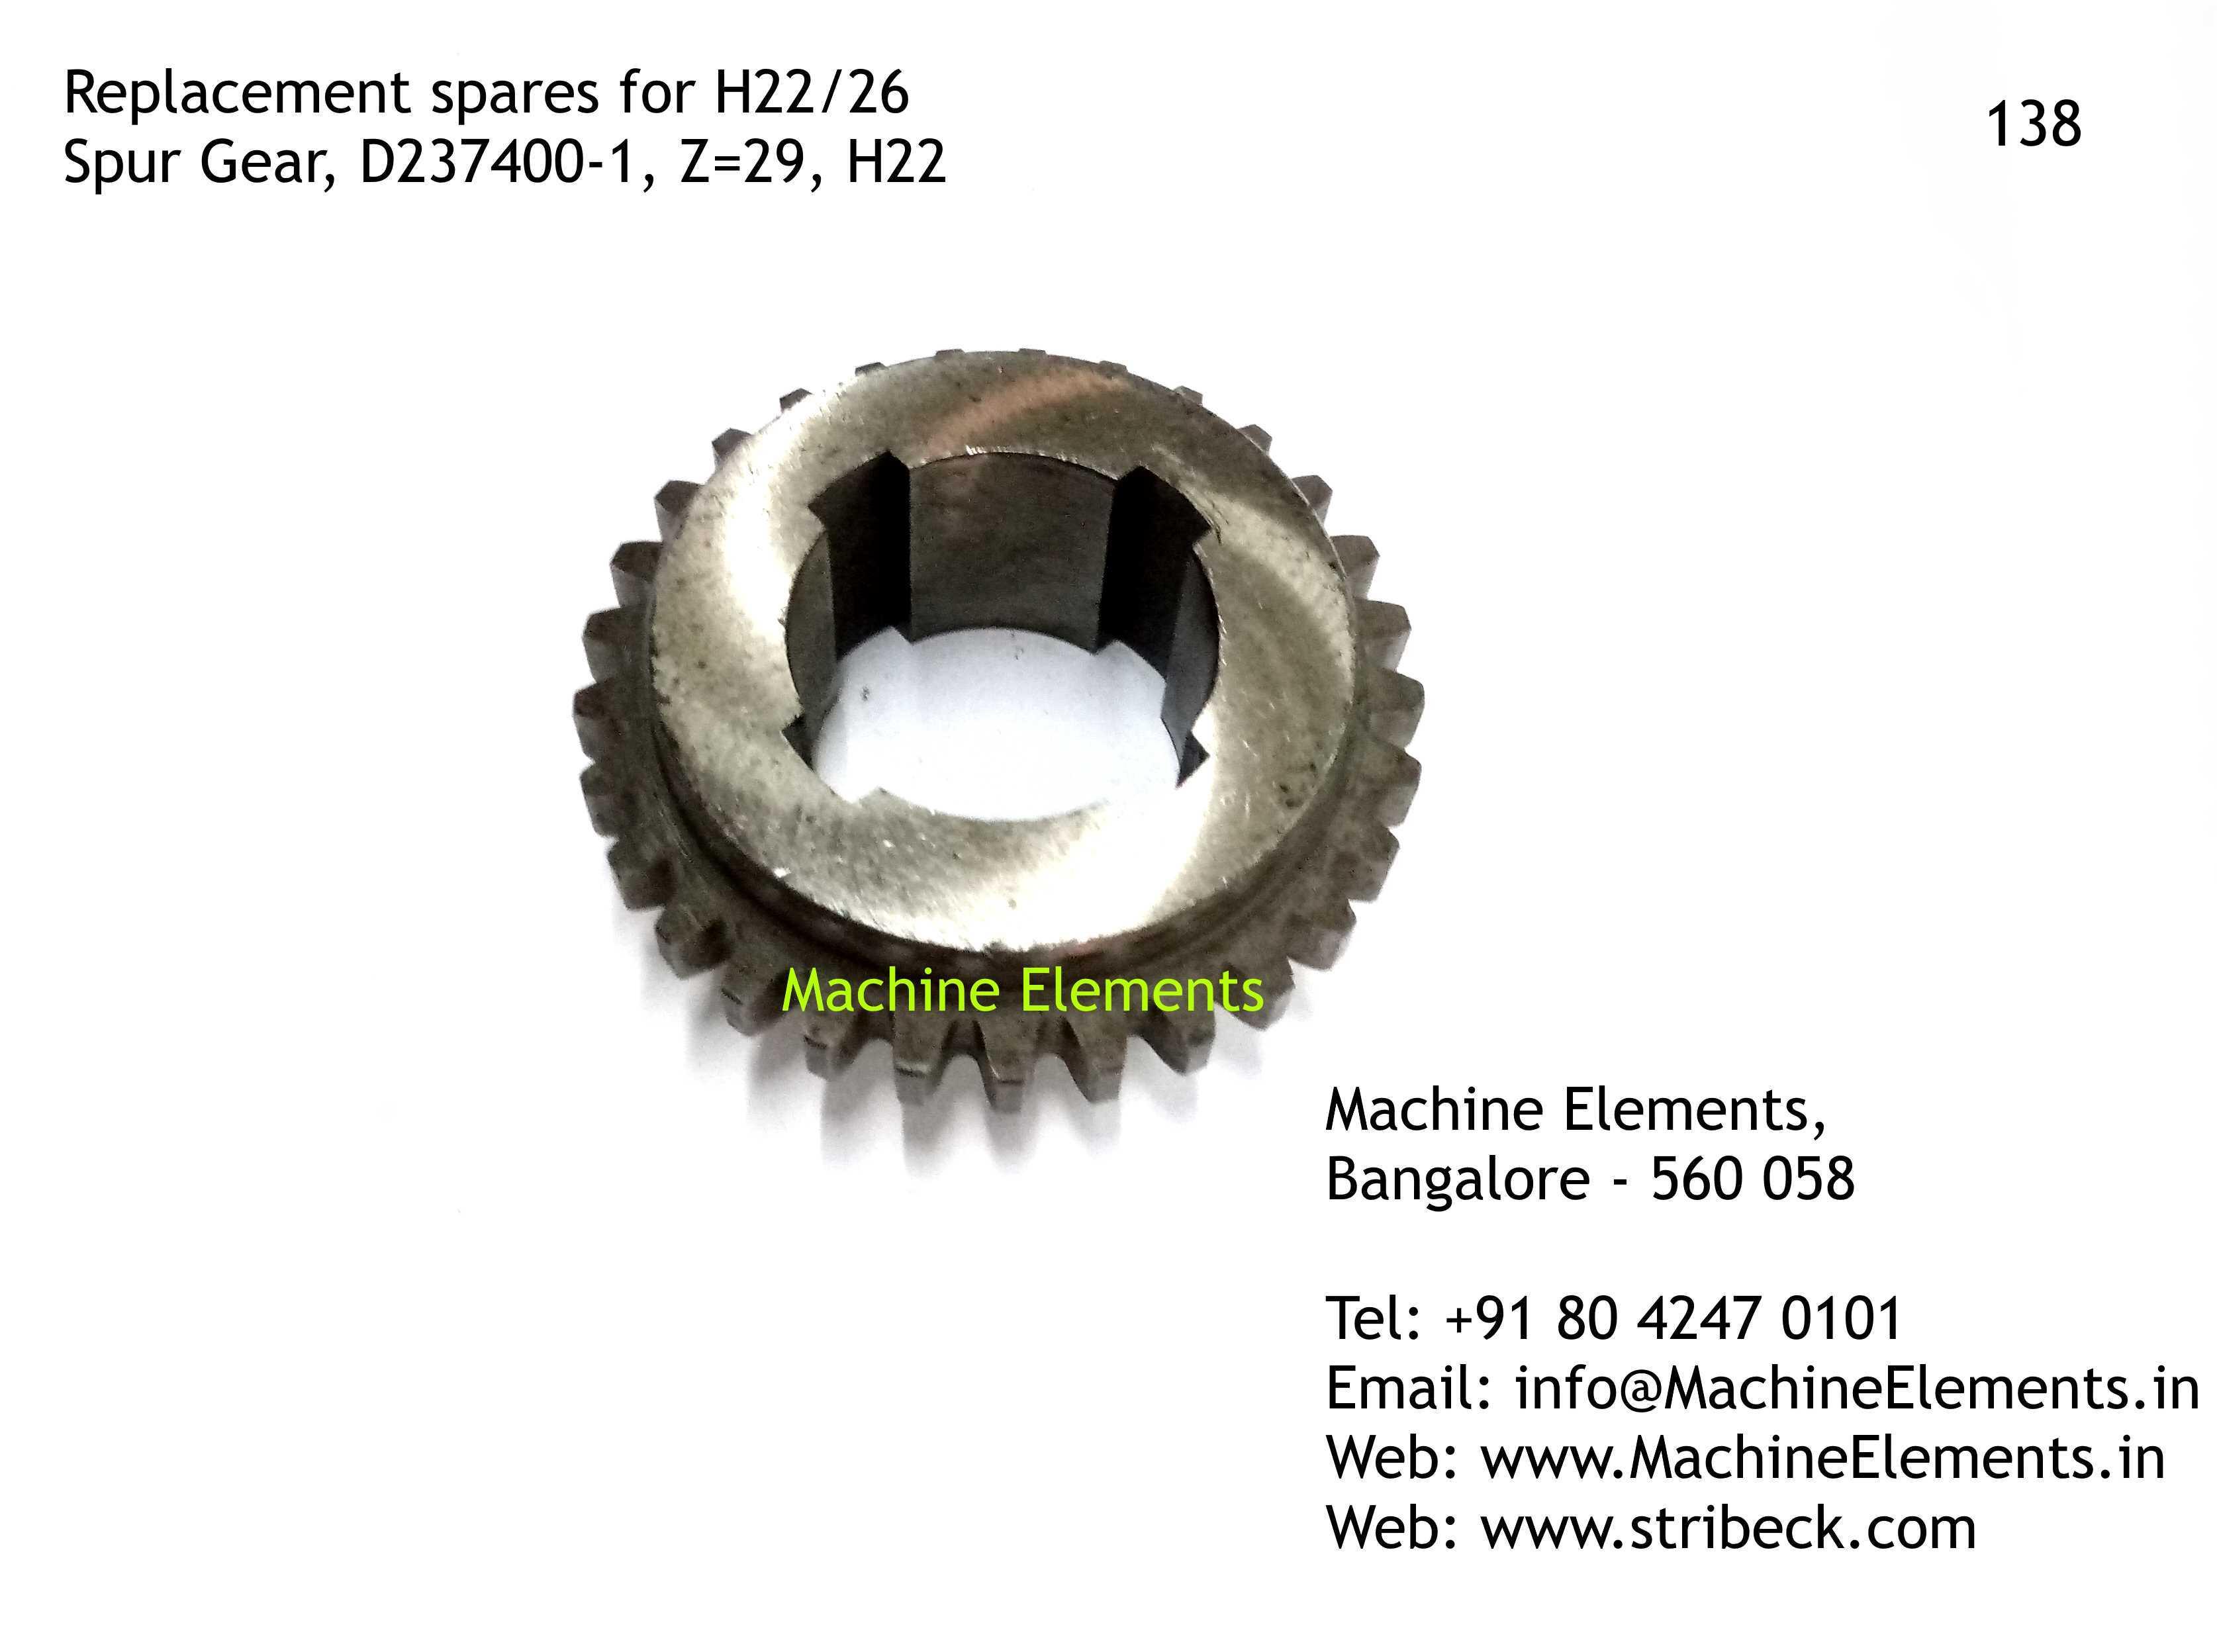 Spur Gear, D237400-1, Z=29